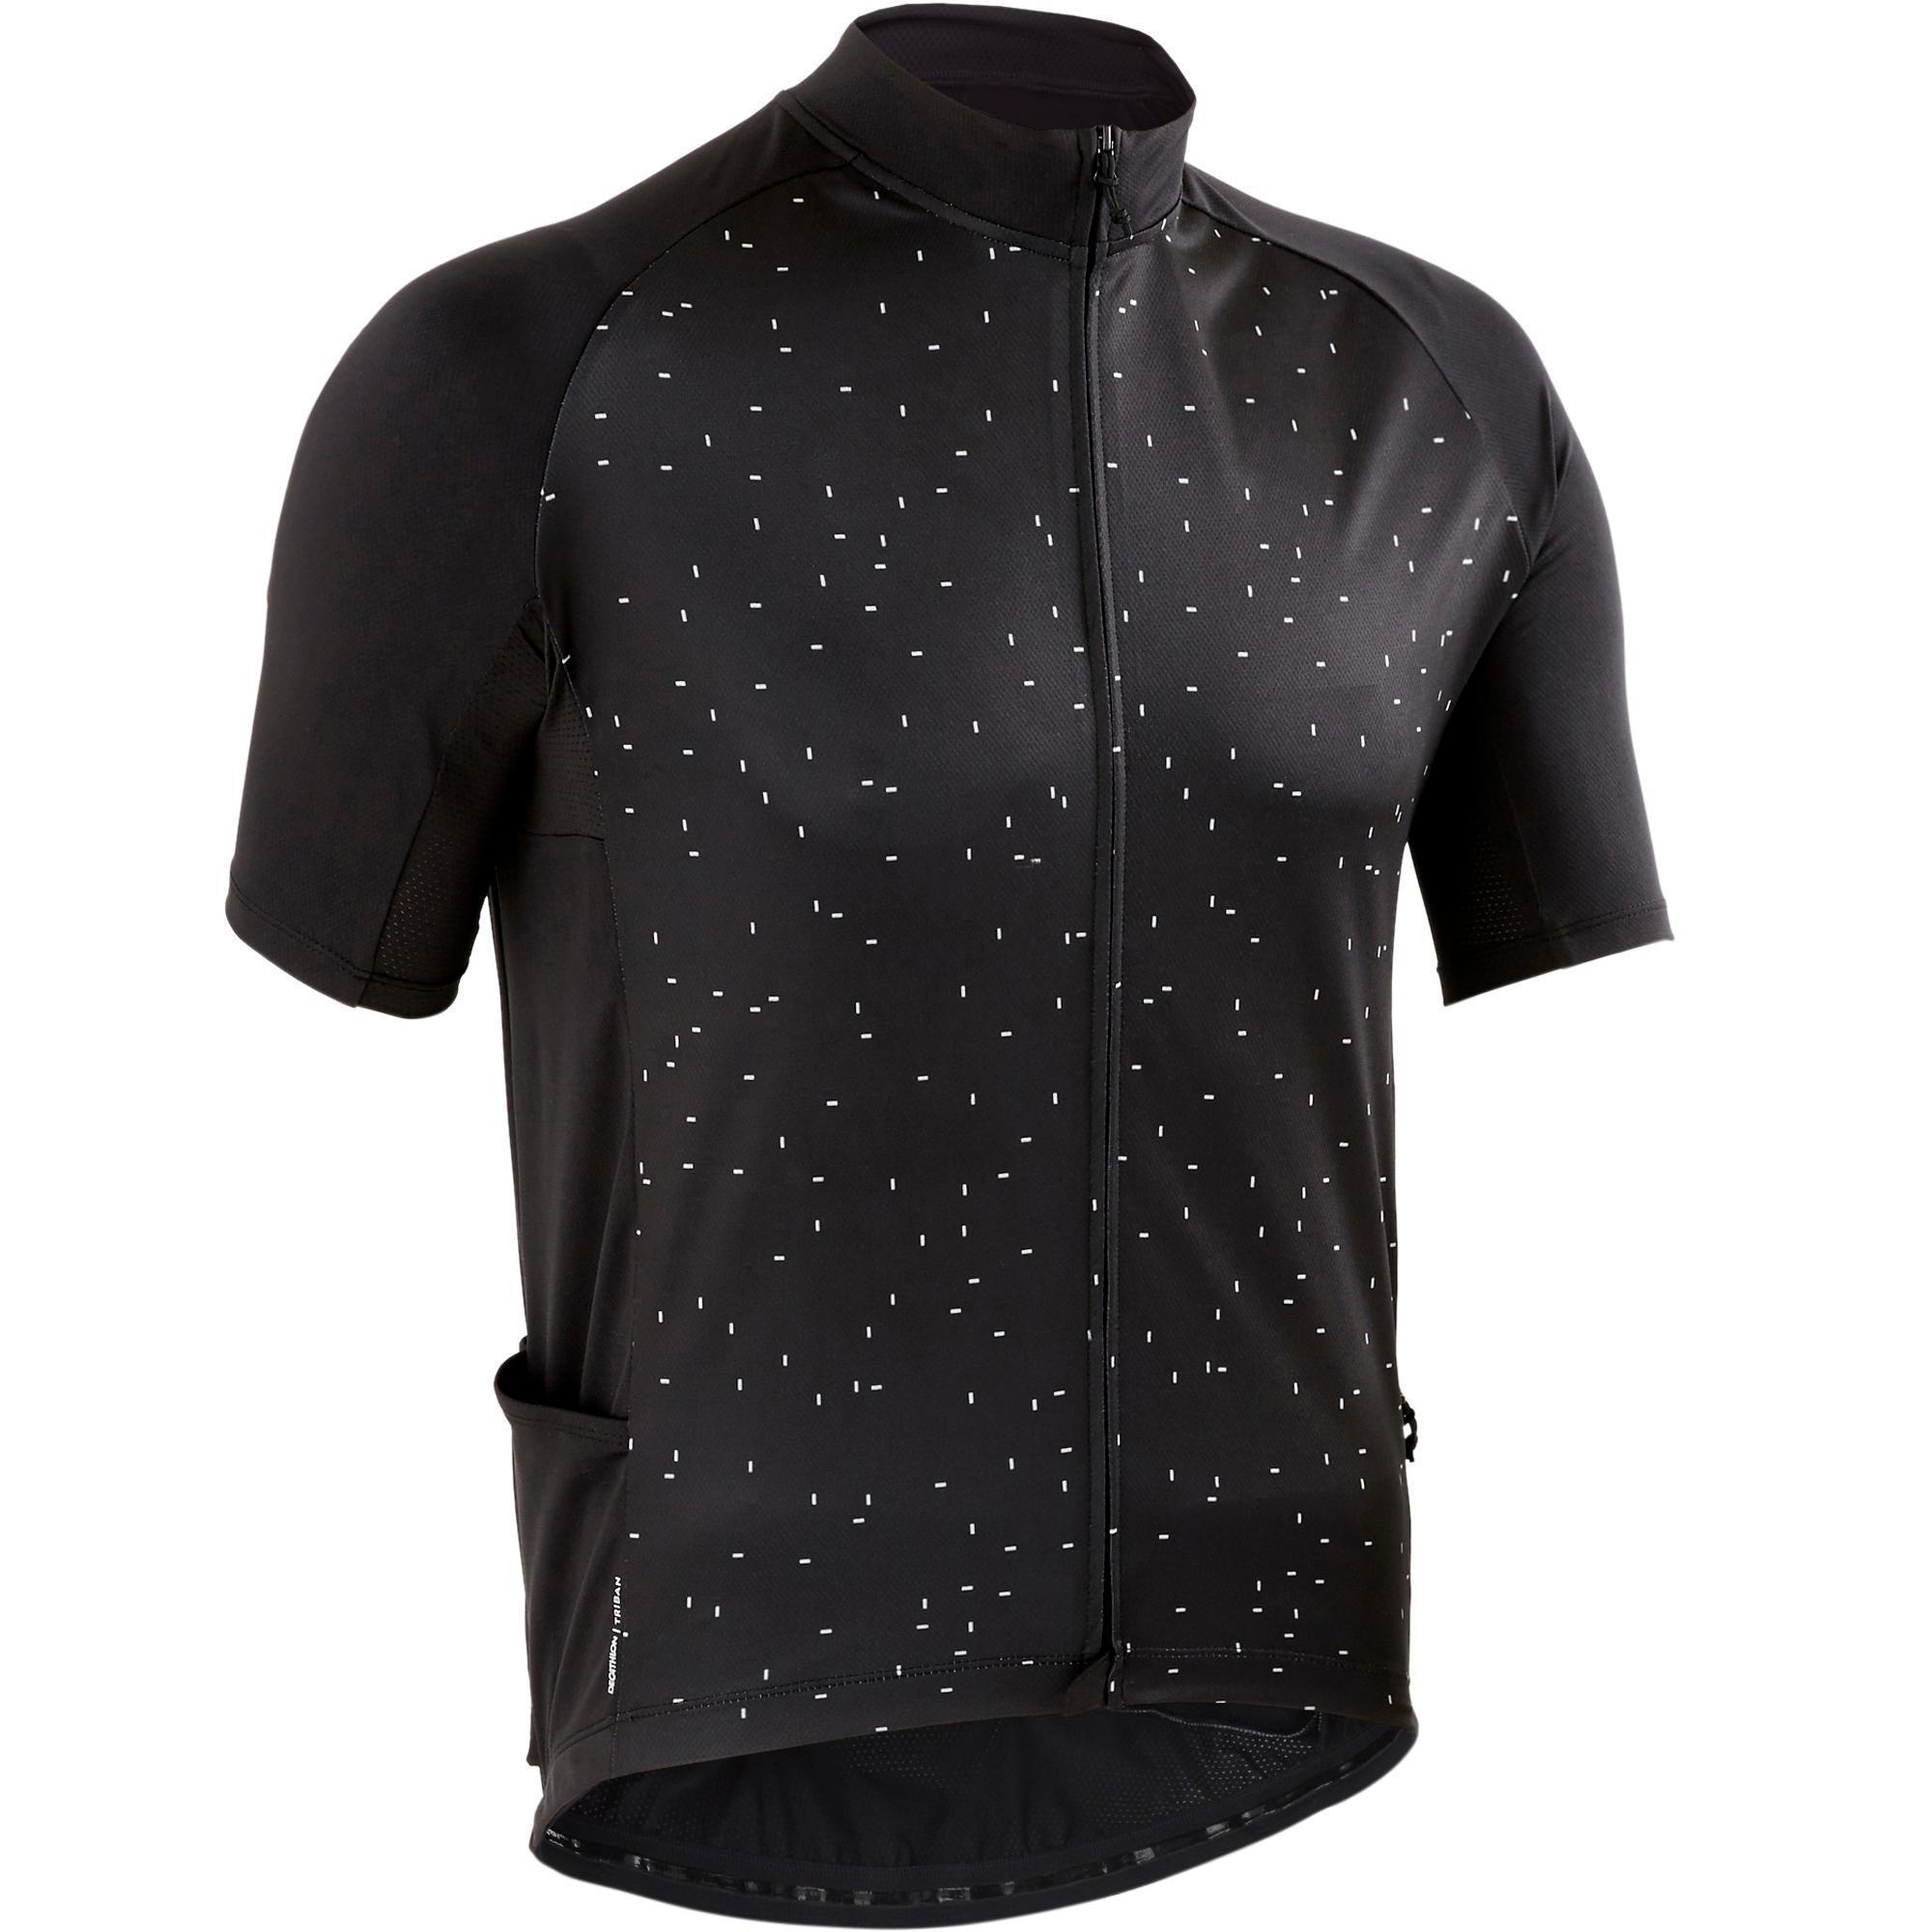 Triban Wielershirt RC100 met korte mouwen heren zwart dot kopen